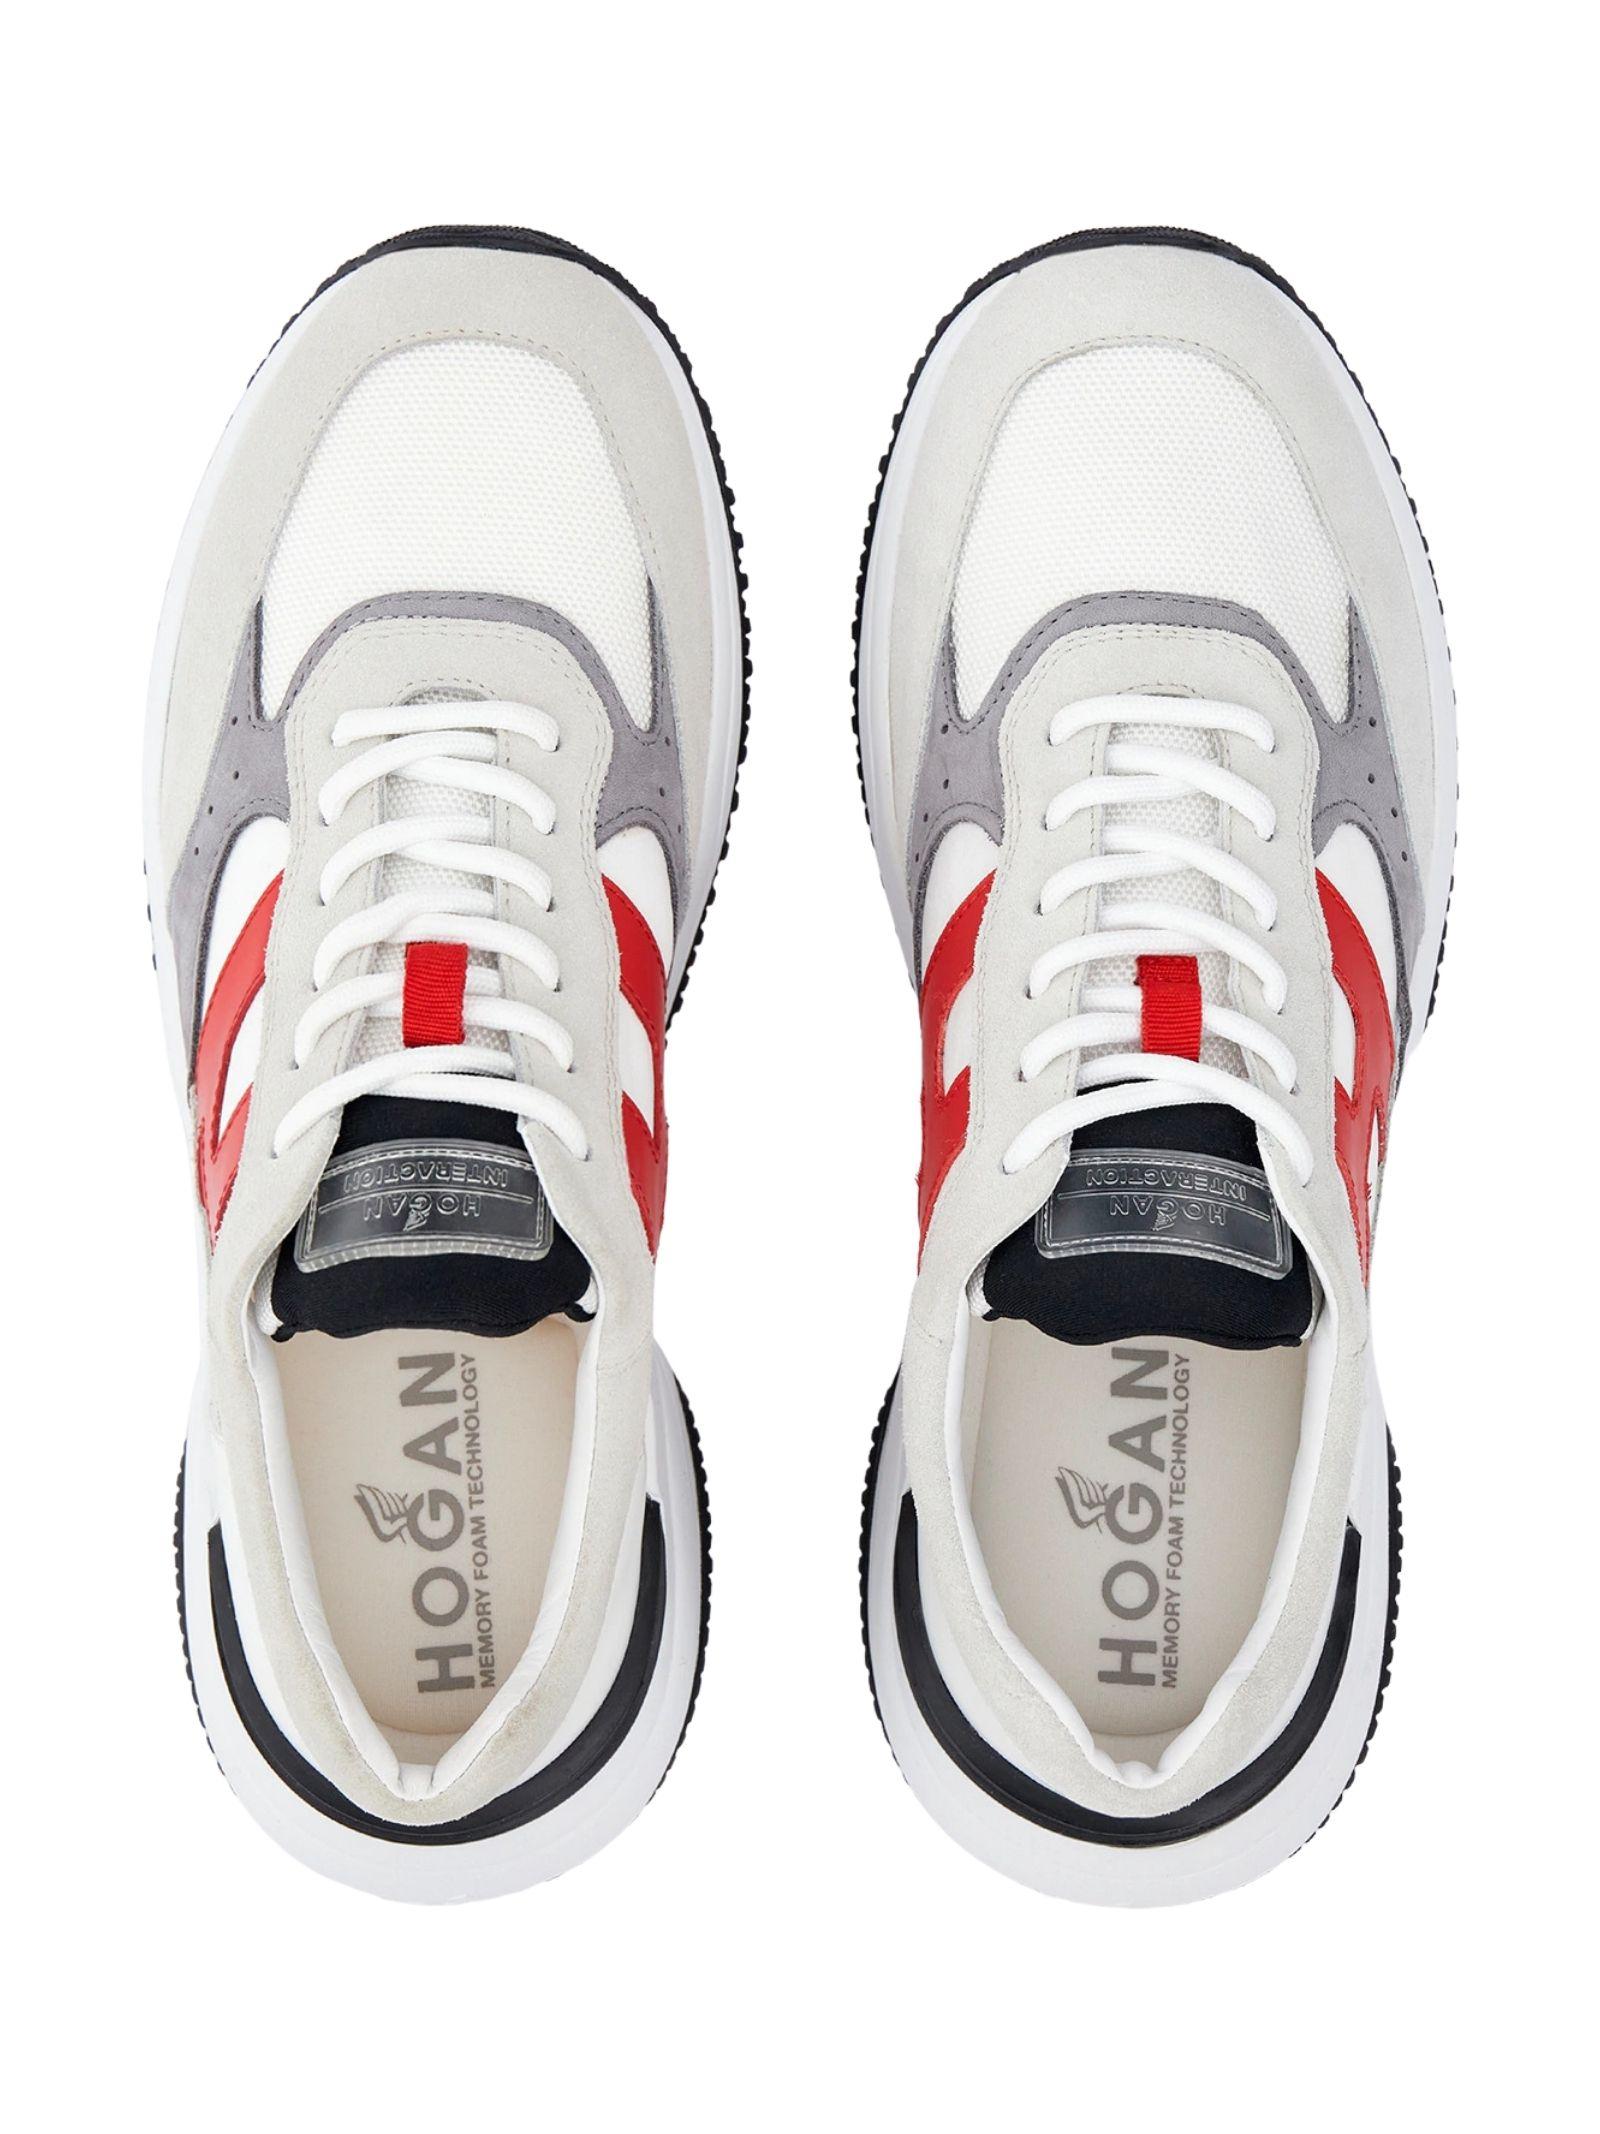 HOGAN | Shoes | HXM5450DN90PNX615G